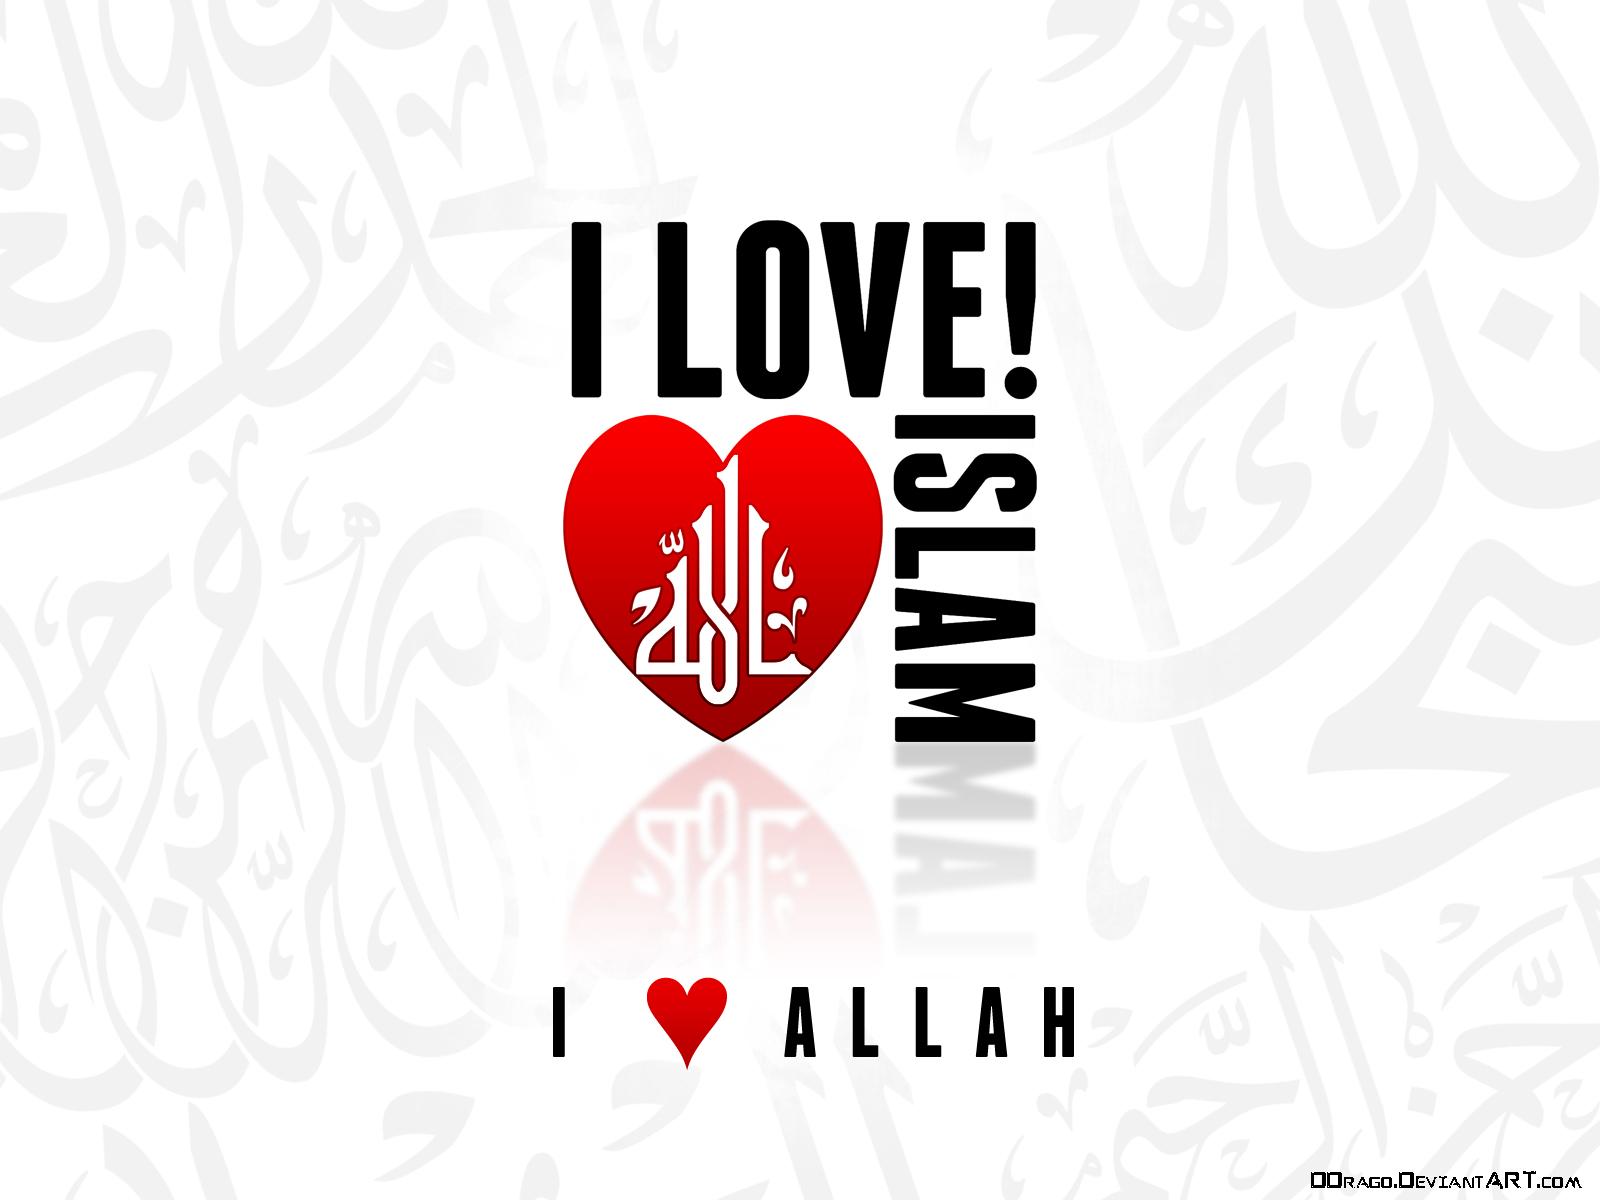 http://4.bp.blogspot.com/_xS8Ww-0Sf5c/TQIoZBpV-EI/AAAAAAAAAGk/UzYGl2D5-U4/s1600/I_love_Islam_wallpaper_by_DDrAgO.jpg